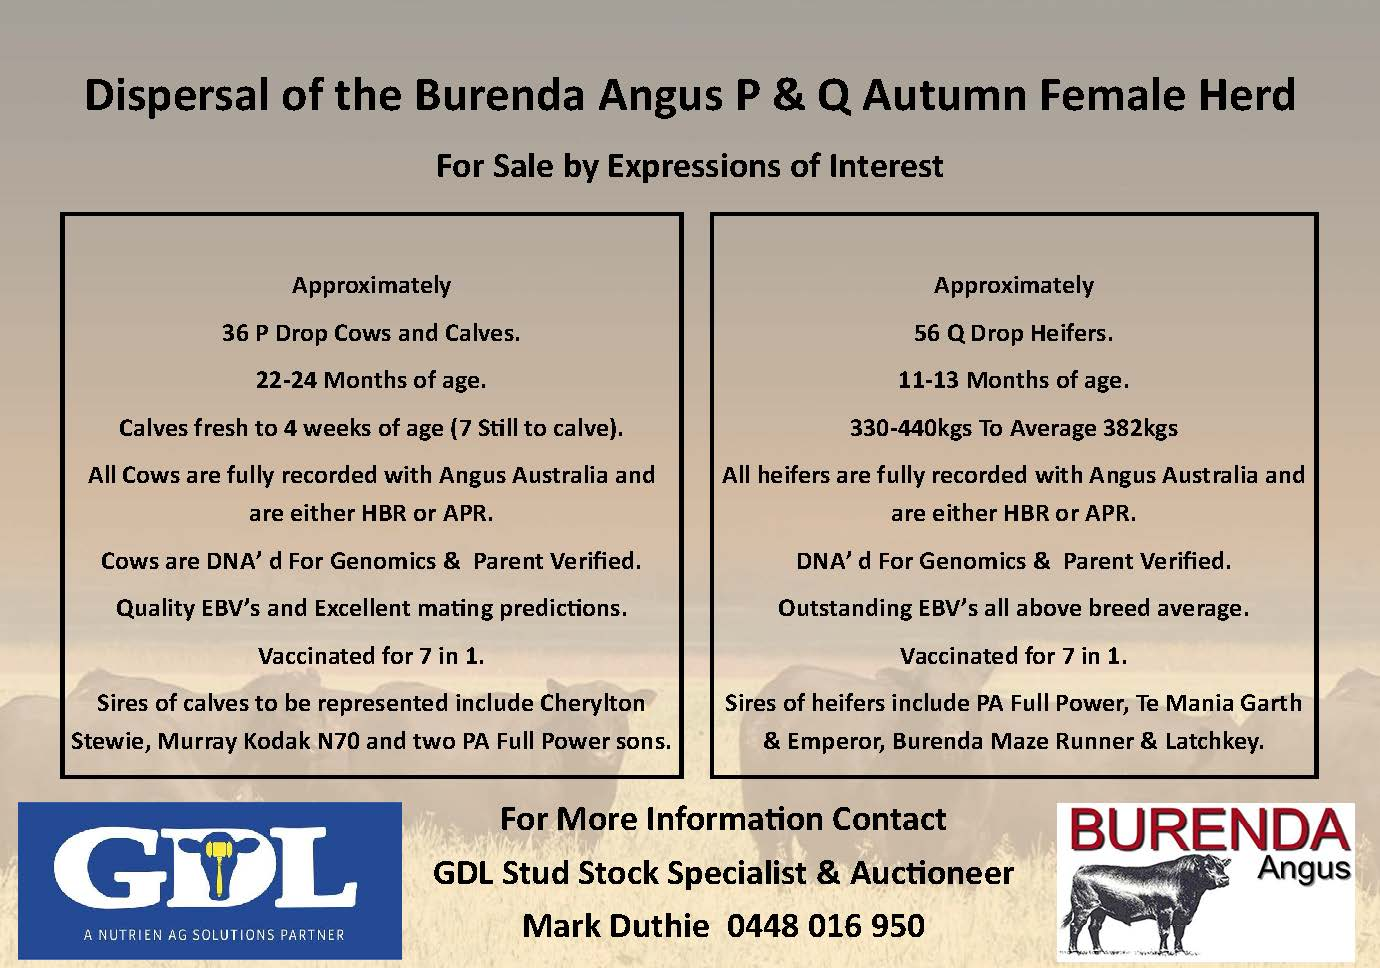 Dispersal – Burenda Angus P & Q Autumn Female Herd